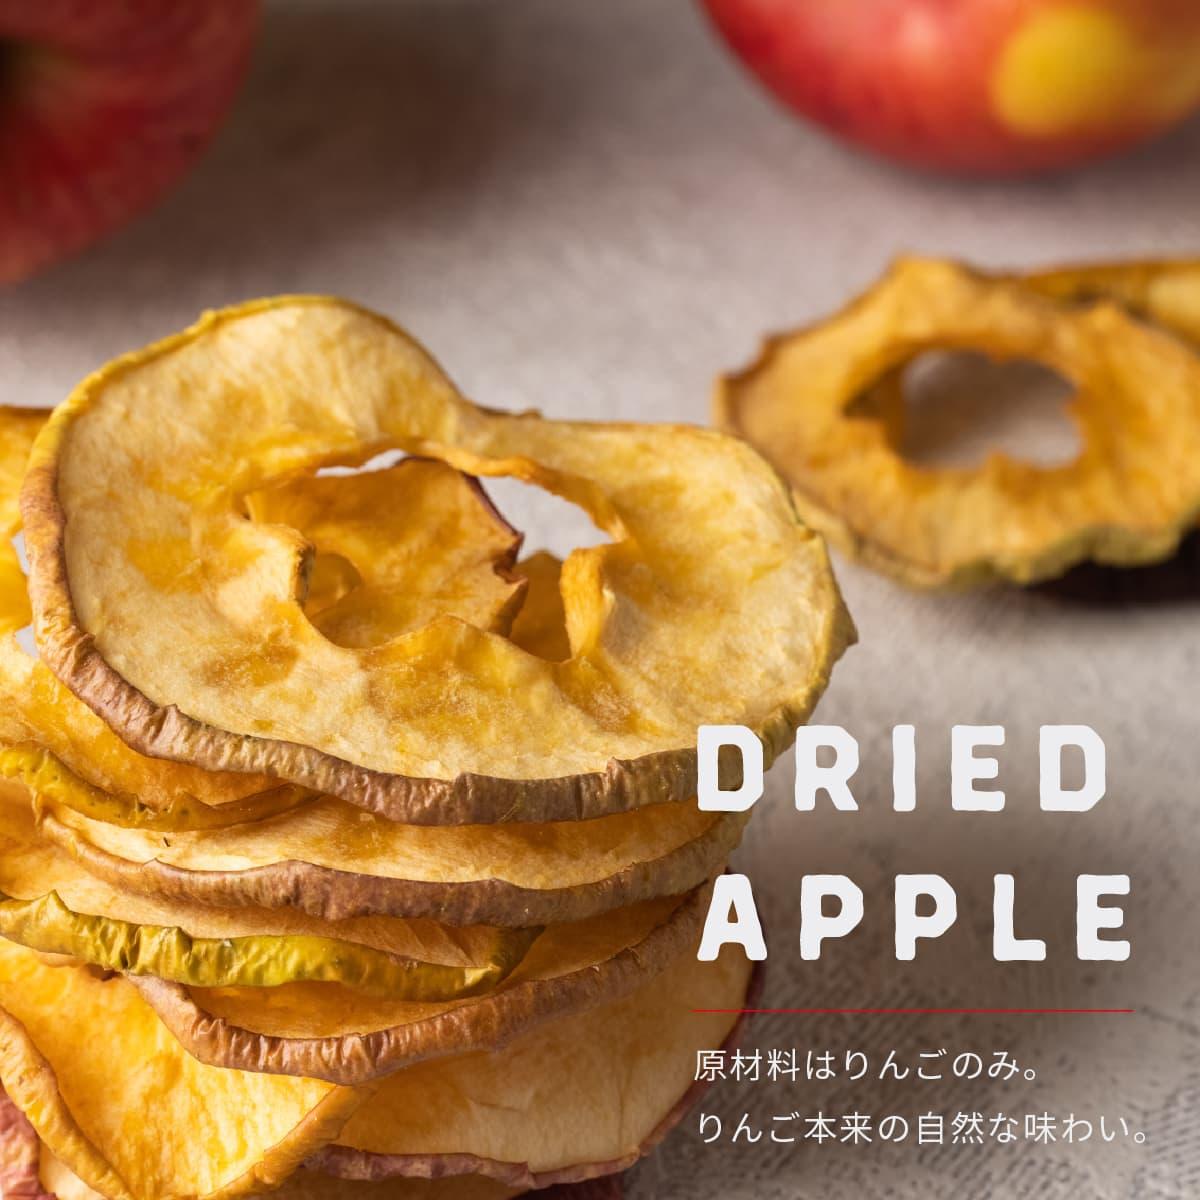 干しりんご|ドライドアップル。原材料はりんごのみ。りんご本来の自然な味わい。